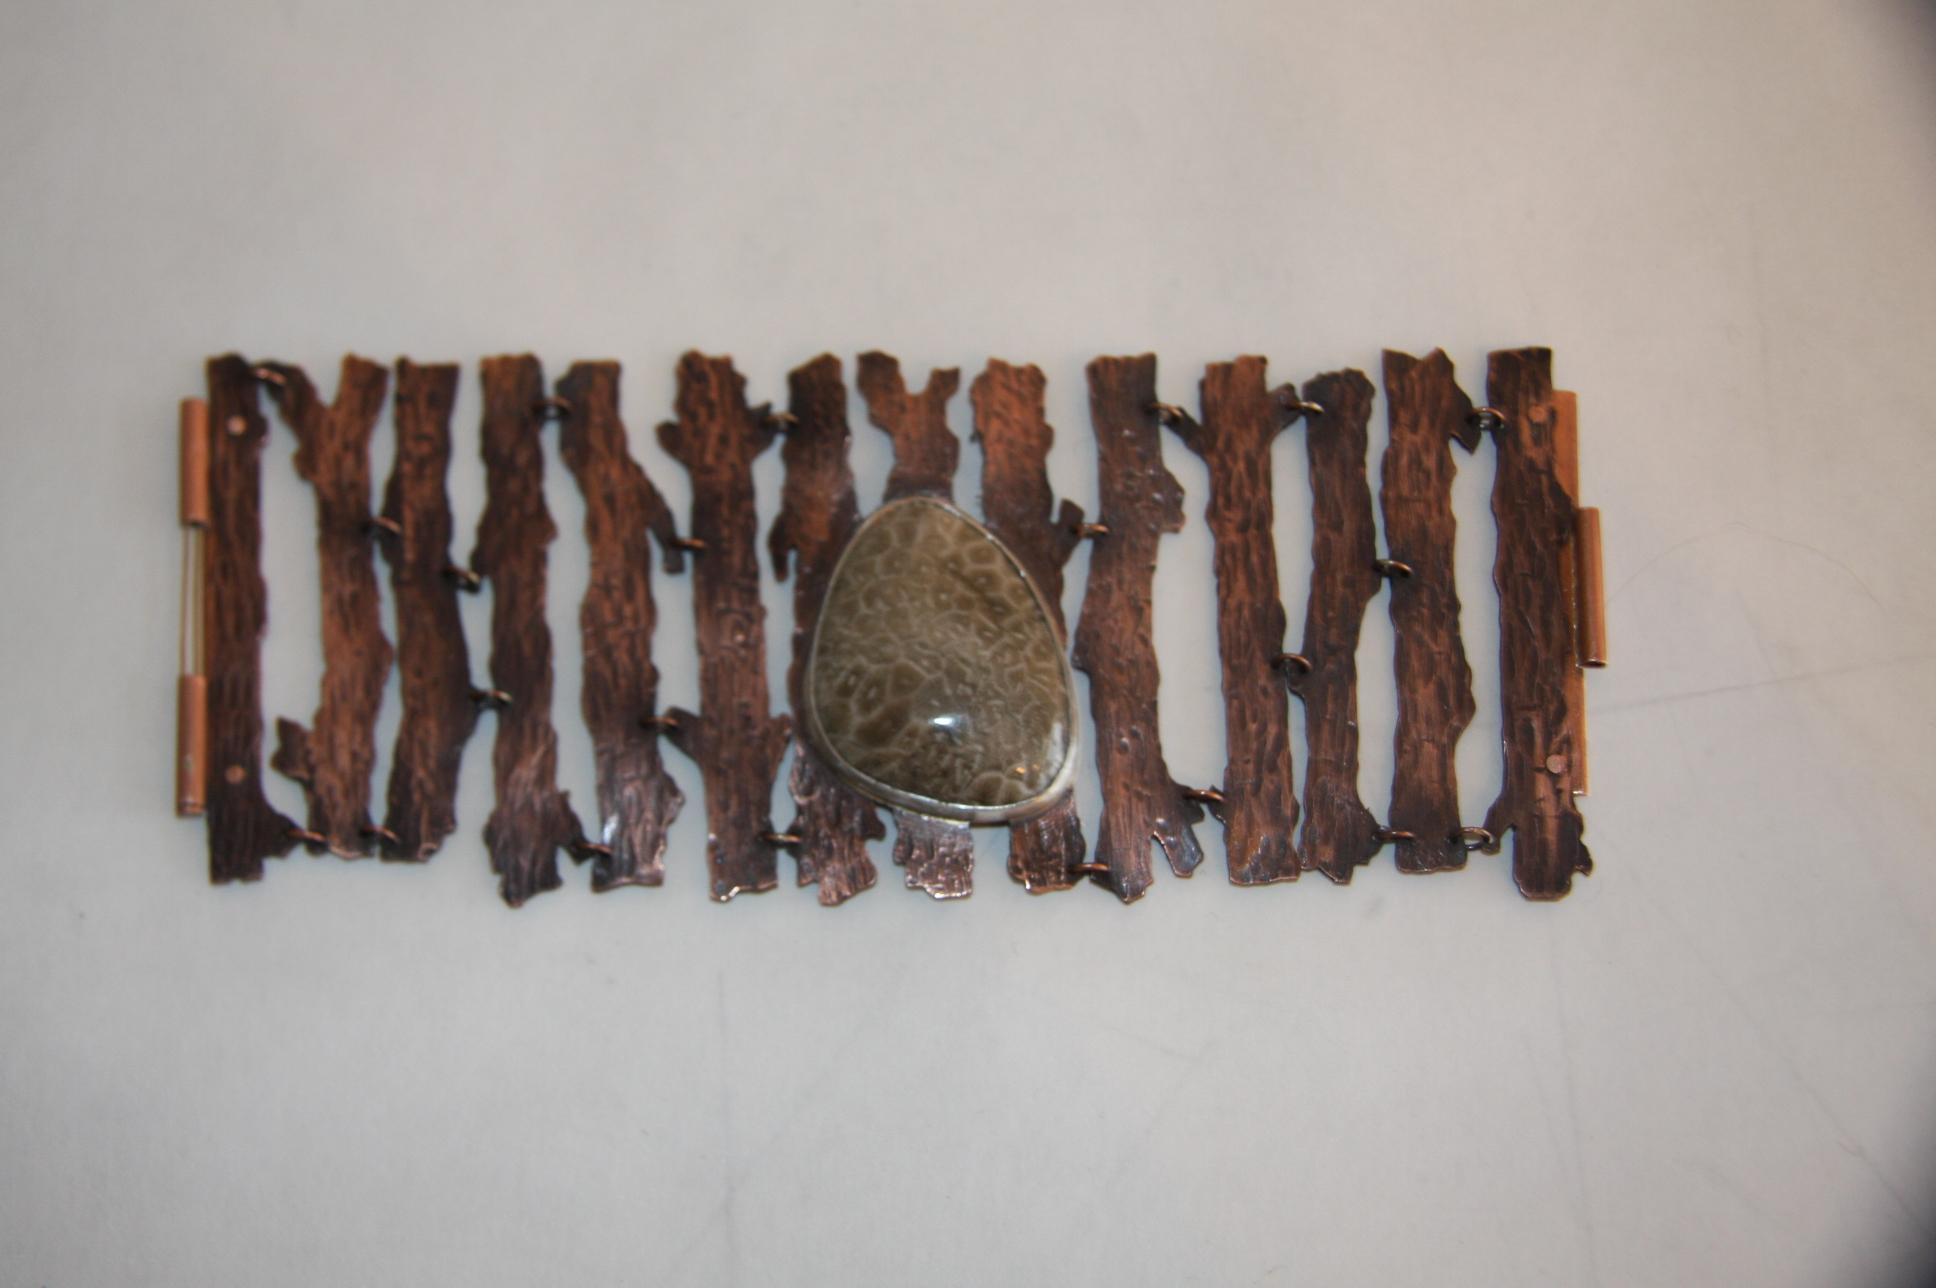 Petoskey Stone & Branch Bracelet $60